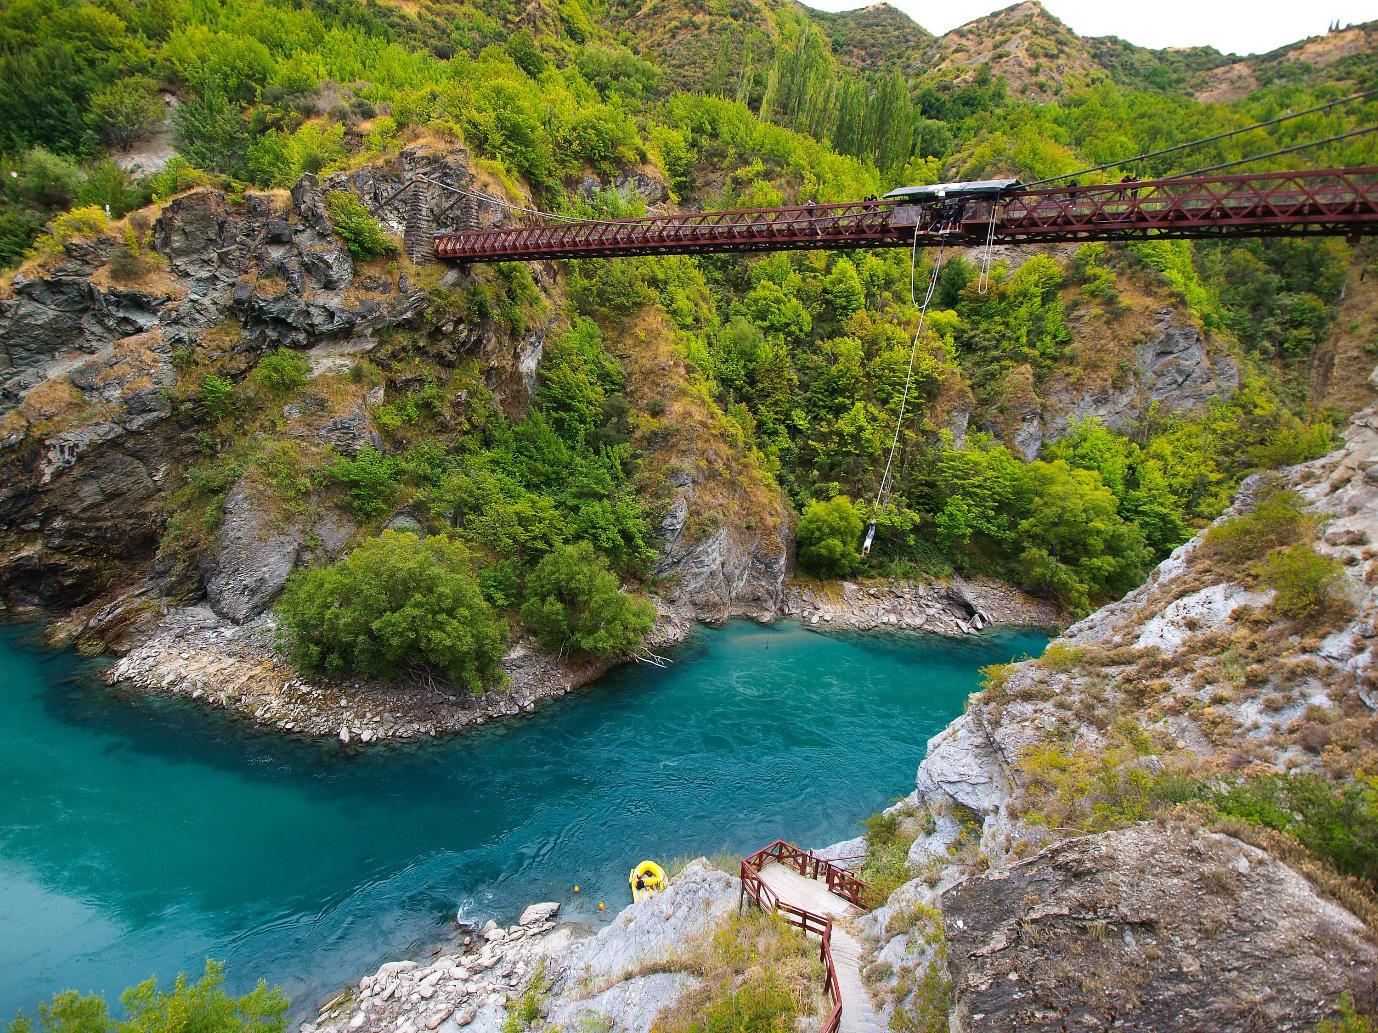 Thiên đường New Zealand – trải nghiệm kỳ nghỉ lý tưởng cho gia đình - Ảnh 4.